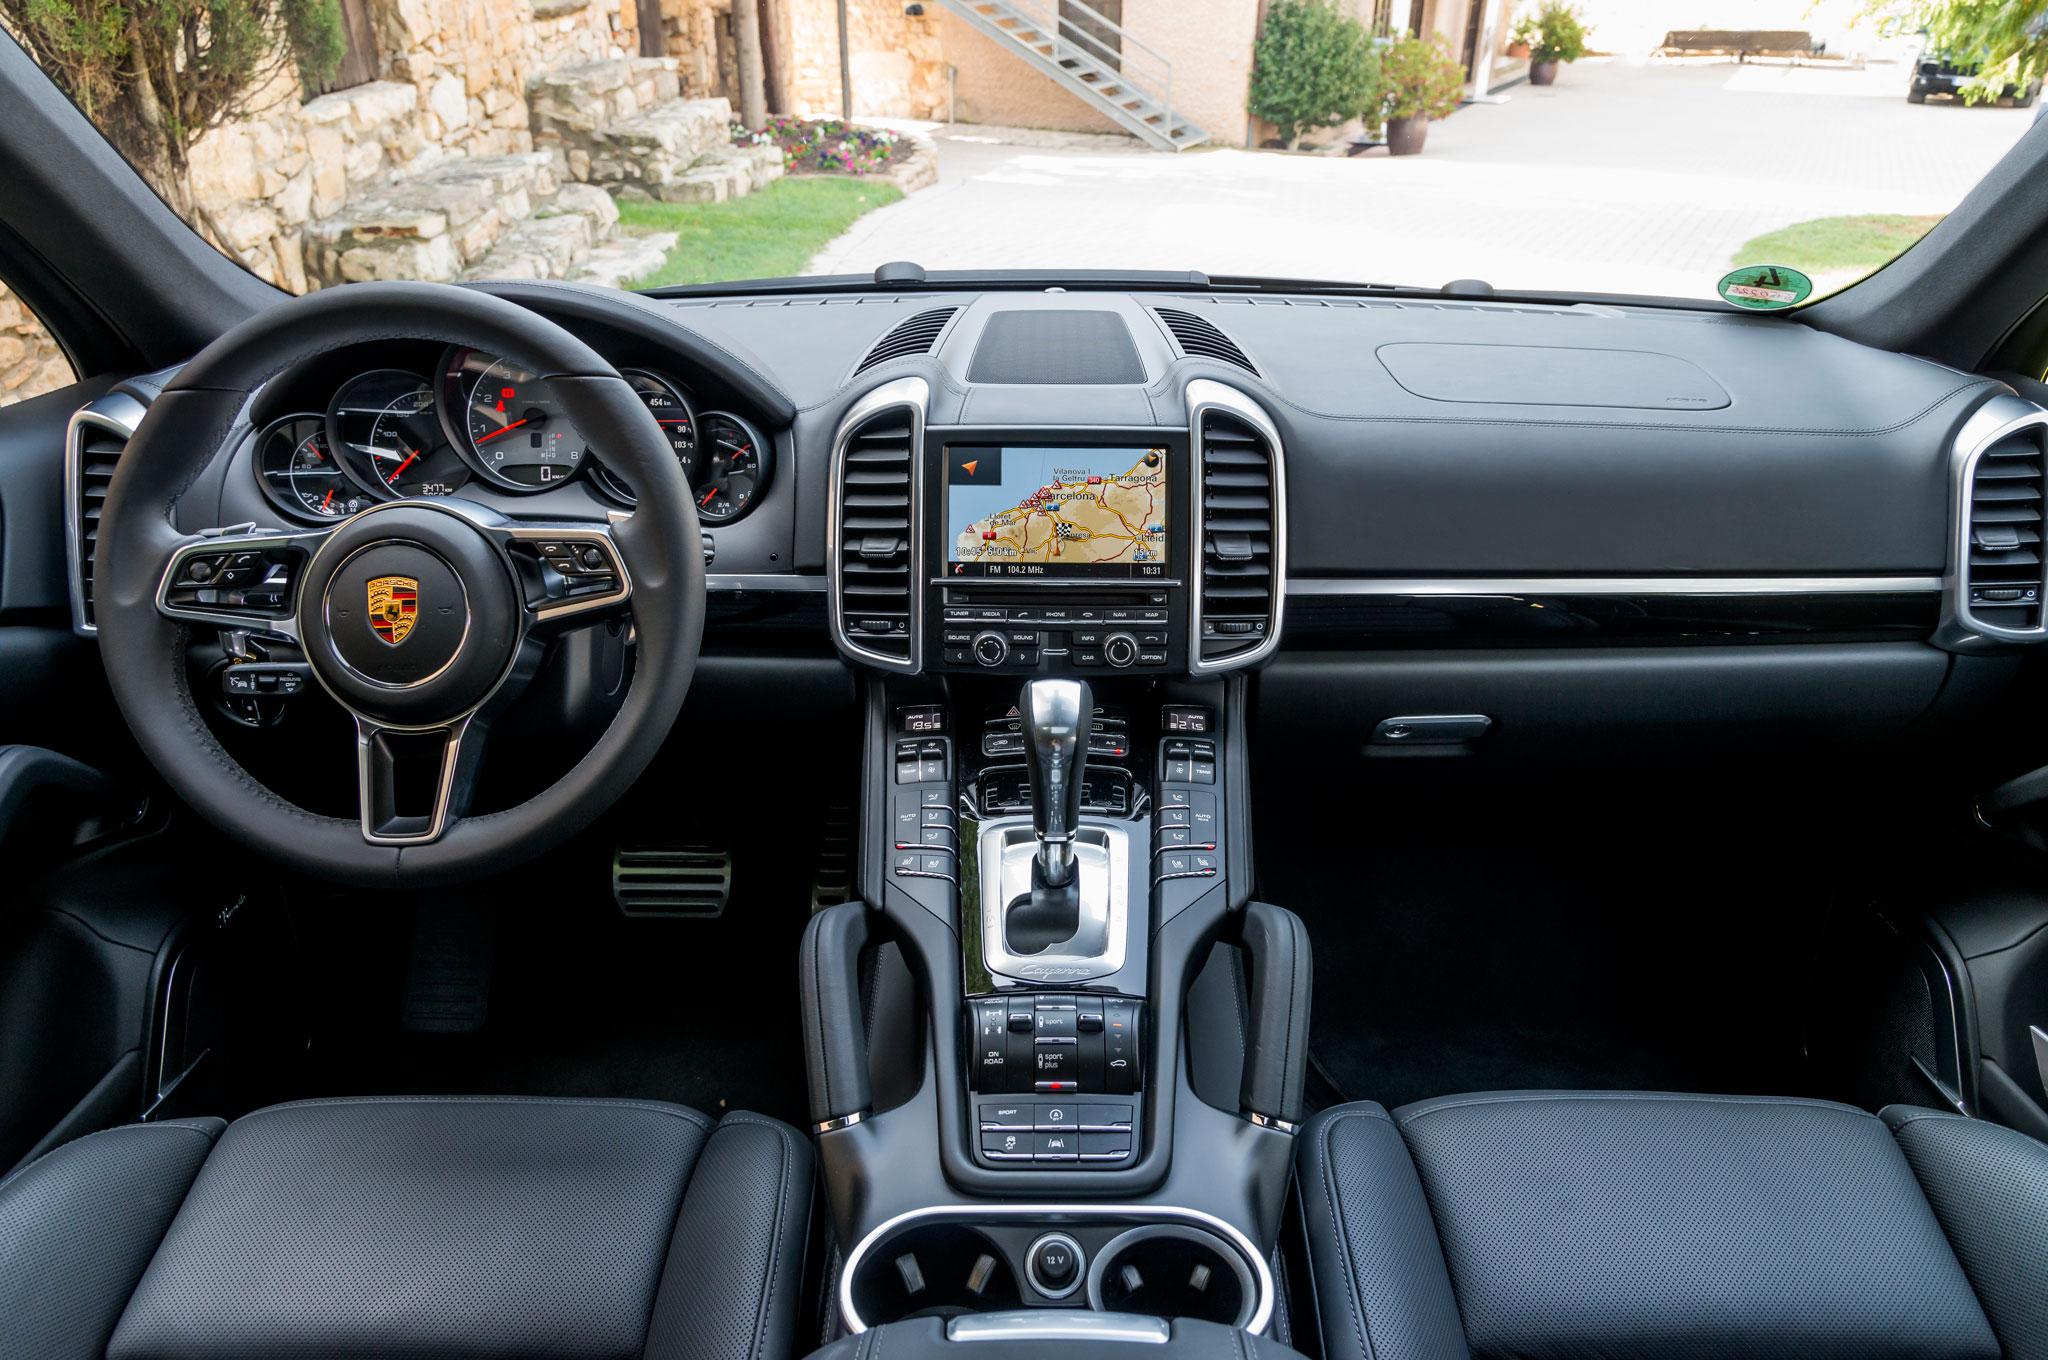 2015 porsche cayenne s steering wheel and dashboard 1 - Porsche Cayenne Turbo S 2015